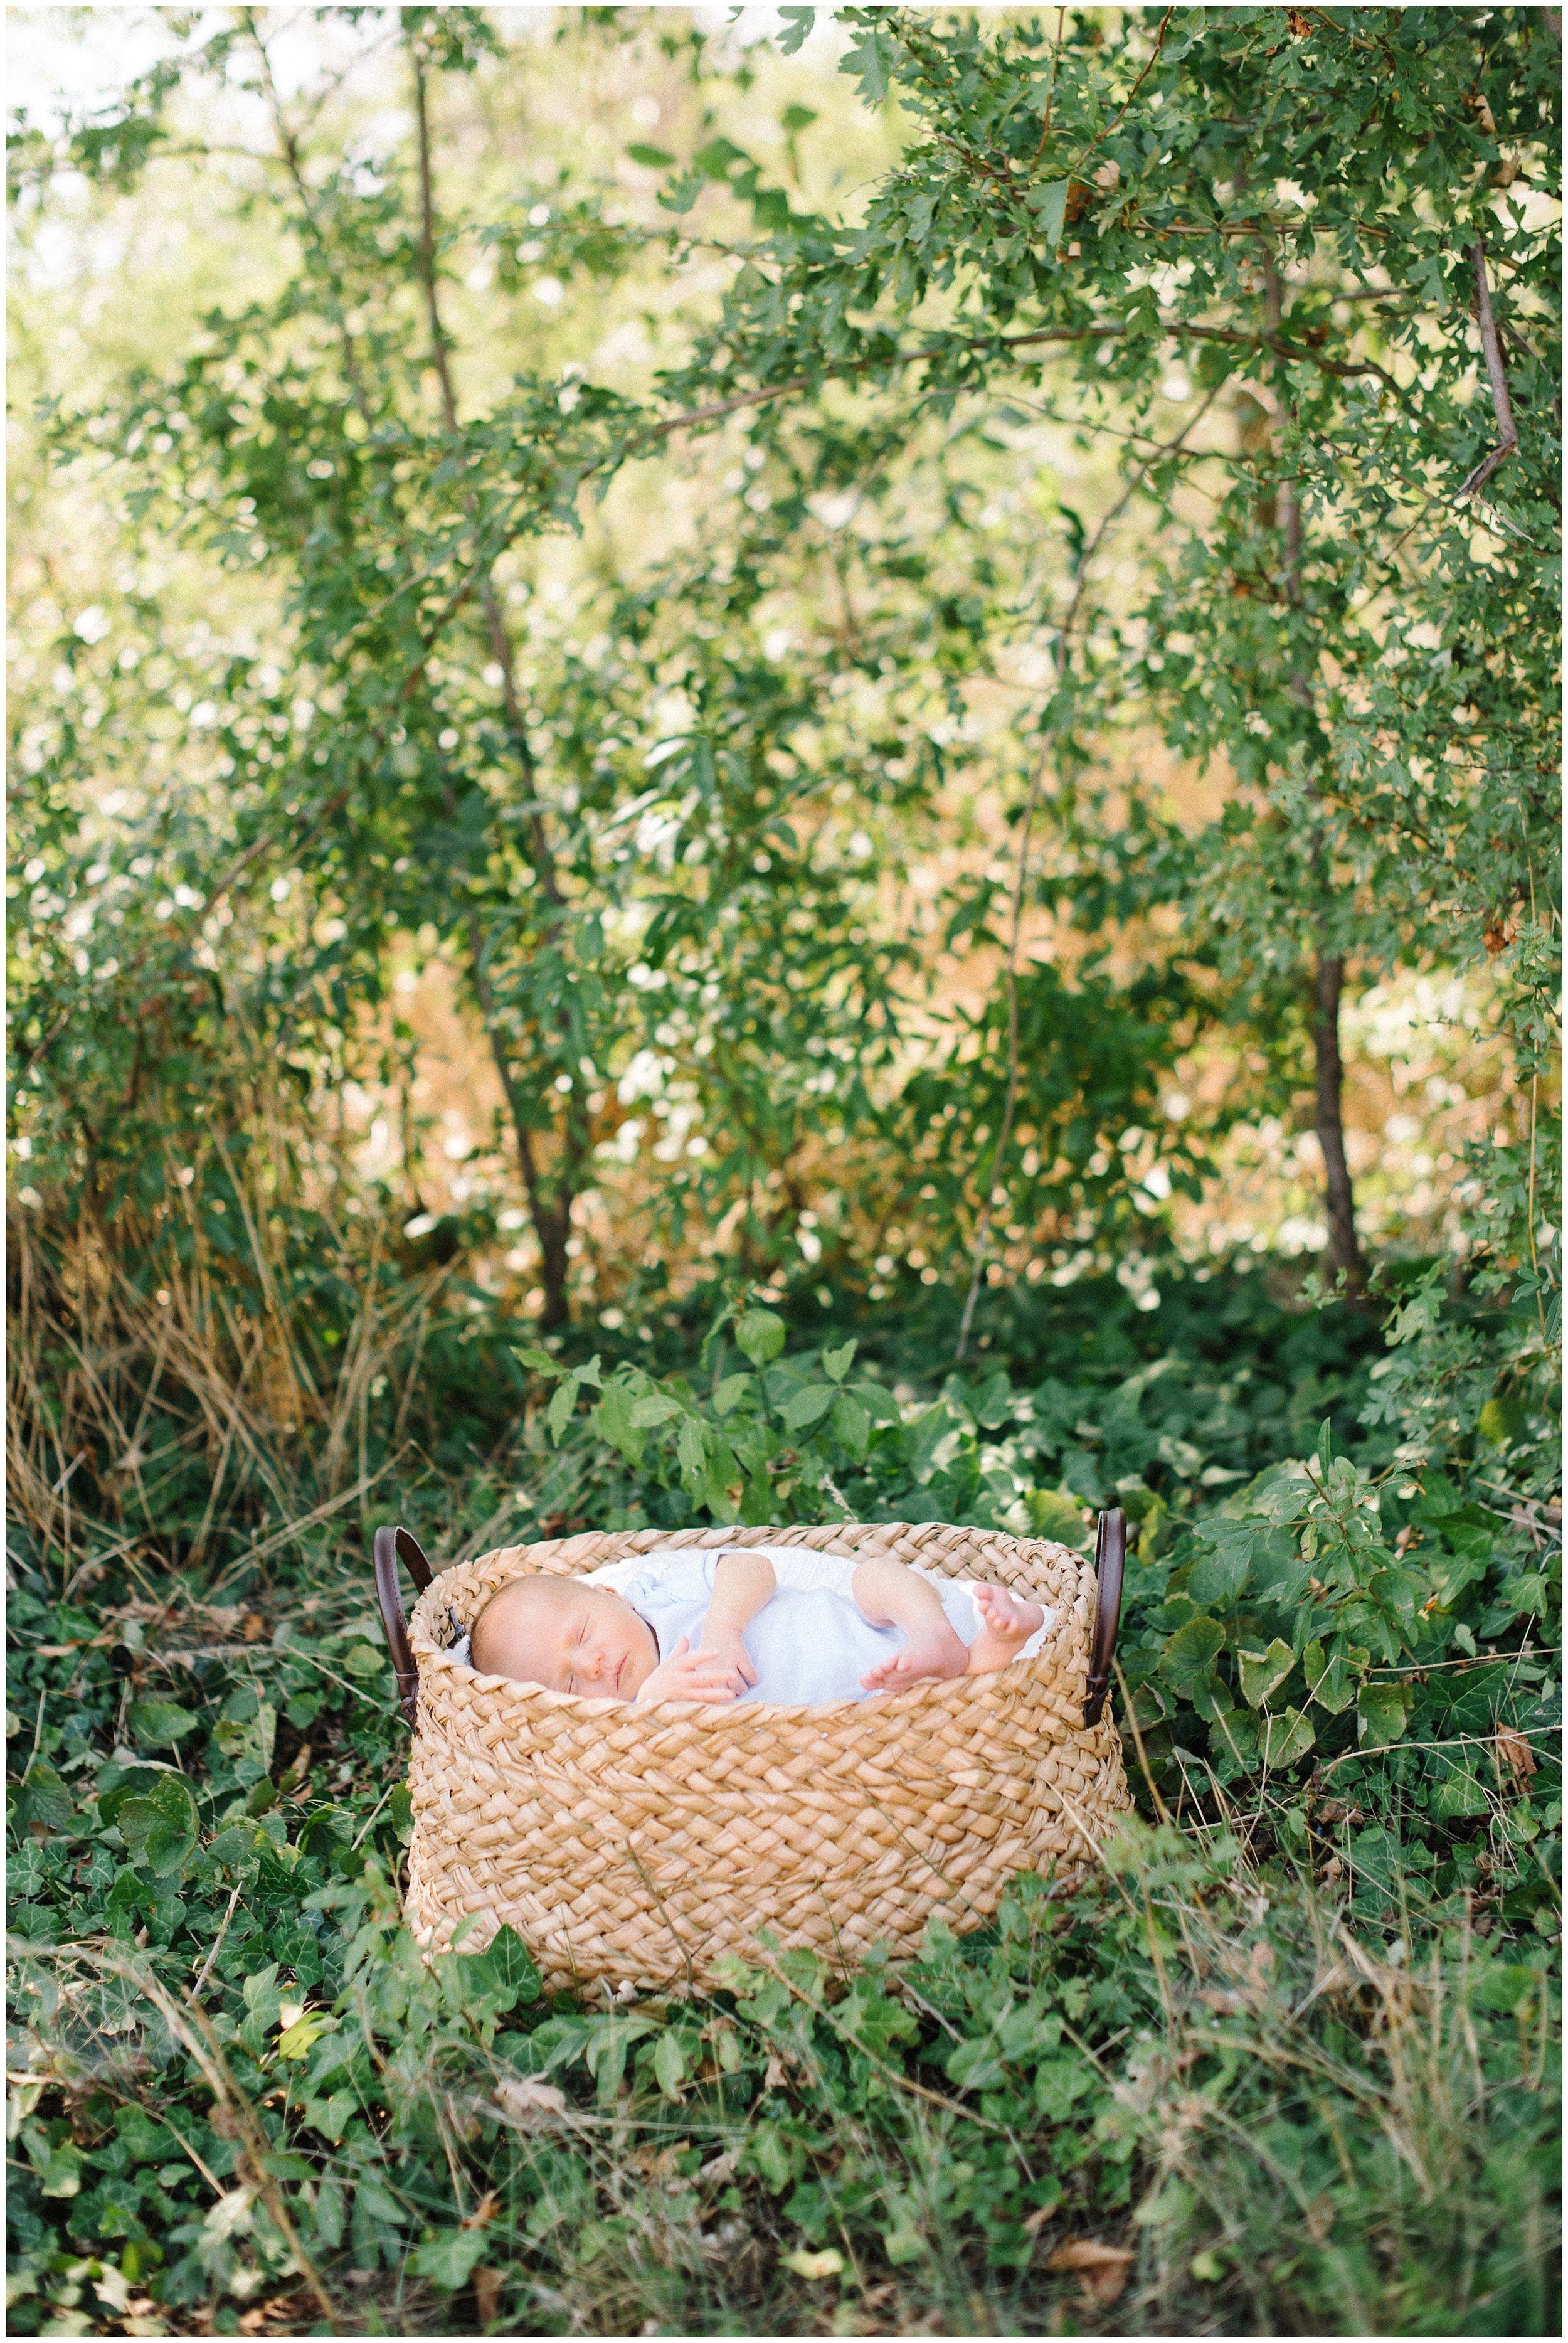 newborn körbchen natur